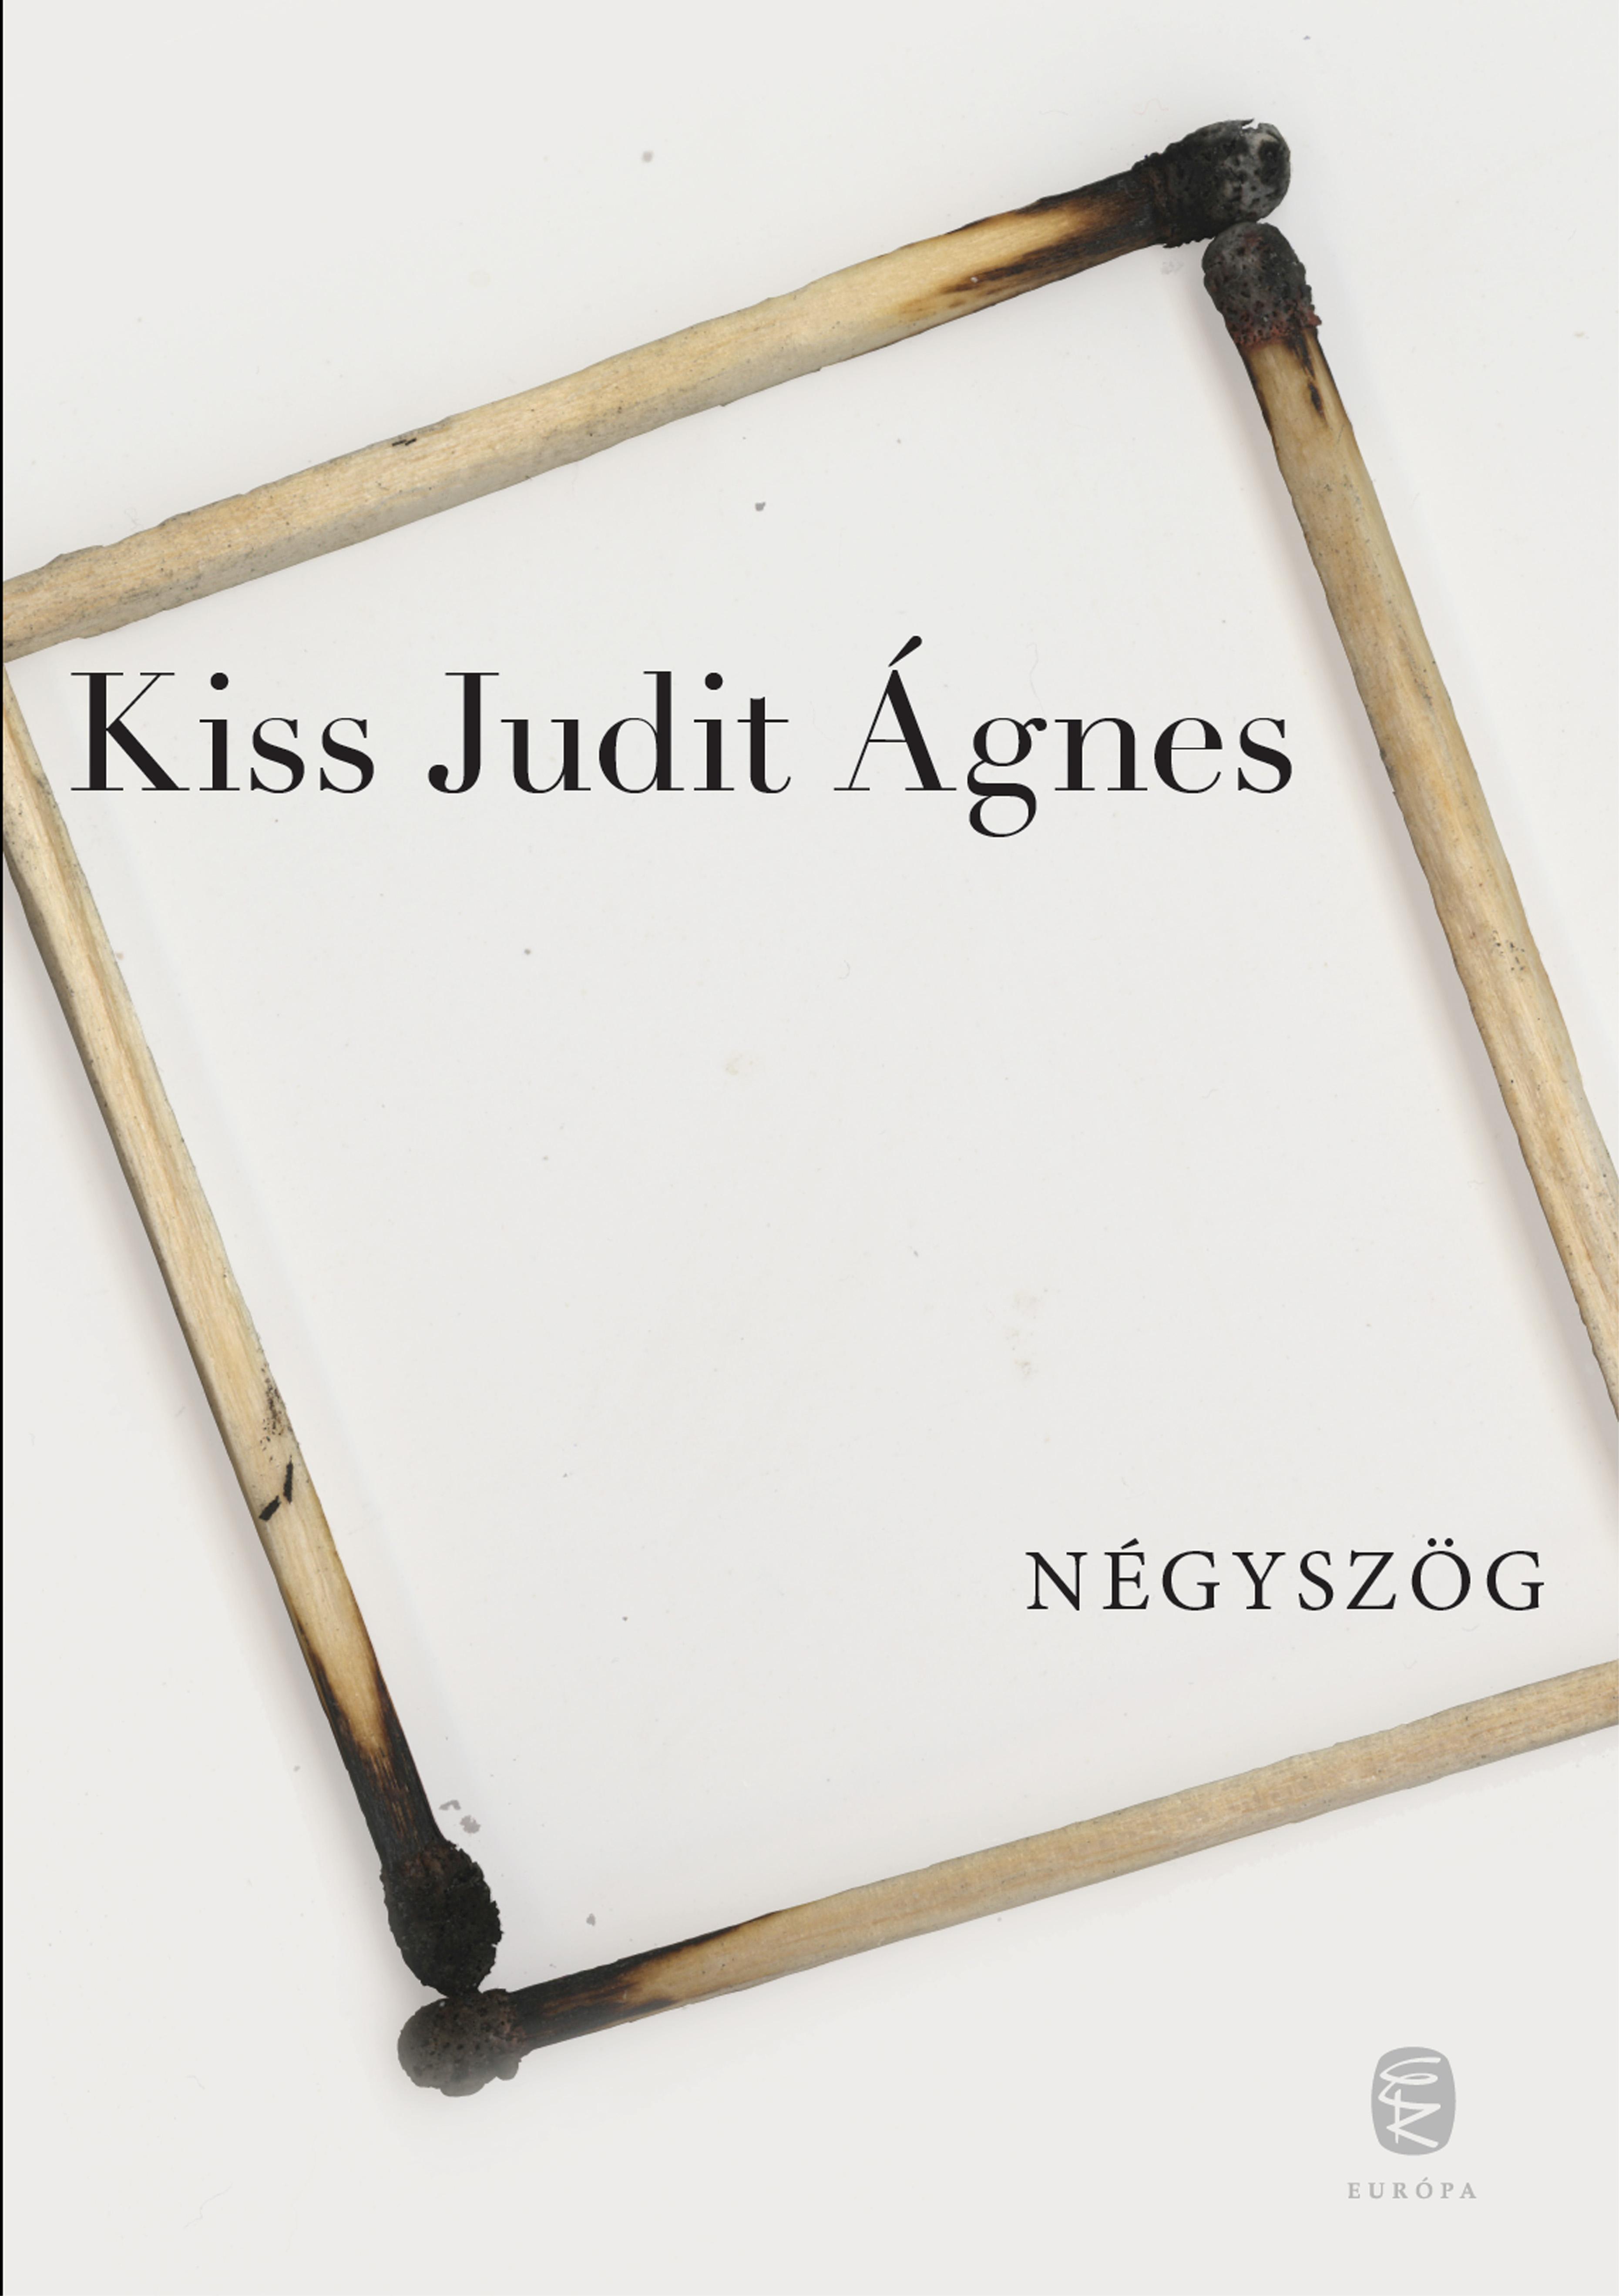 Kiss_Judit_Negyszog